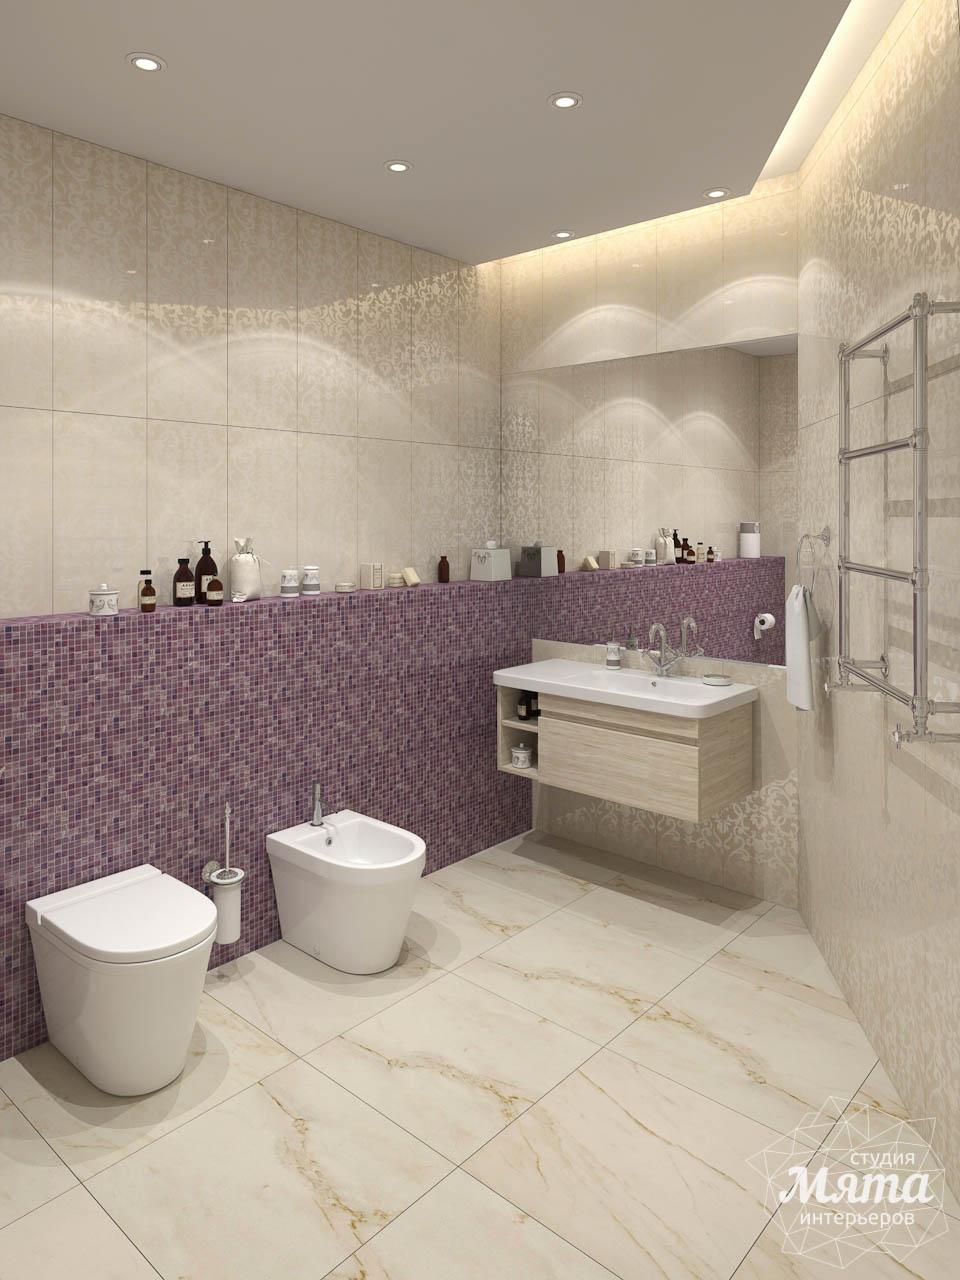 Дизайн интерьера коттеджа в п. Дубрава img690621236